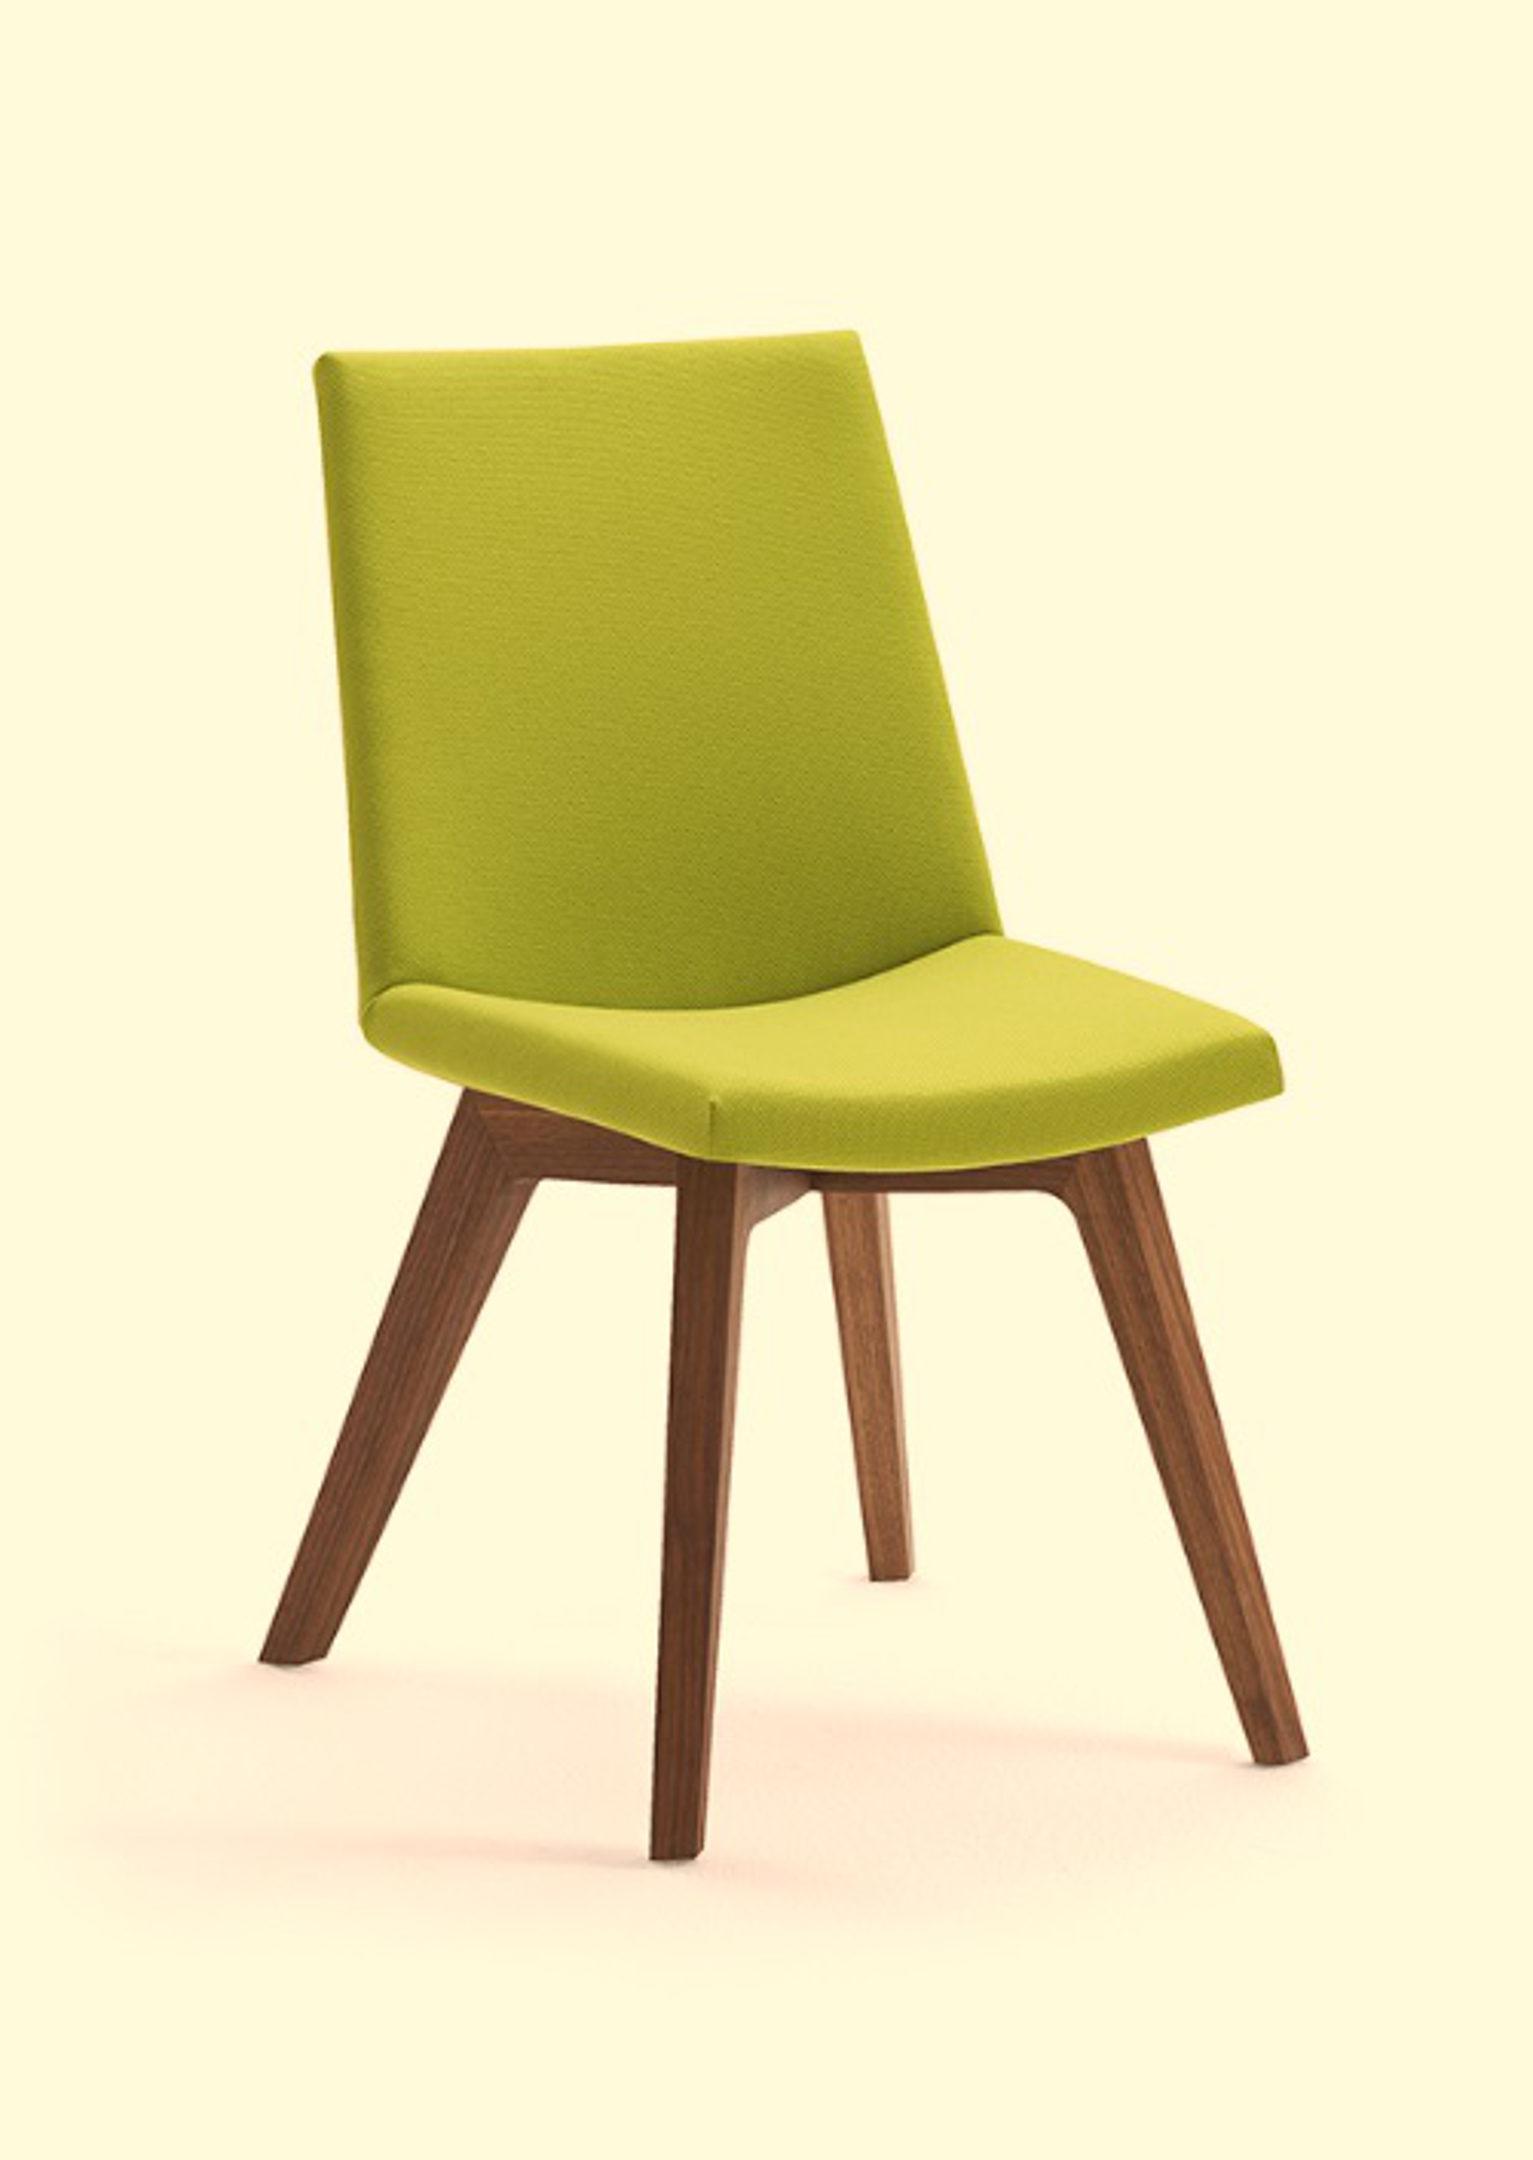 möbel hugelmann lahr | räume | esszimmer | stühle + bänke | stuhl, Wohnzimmer dekoo